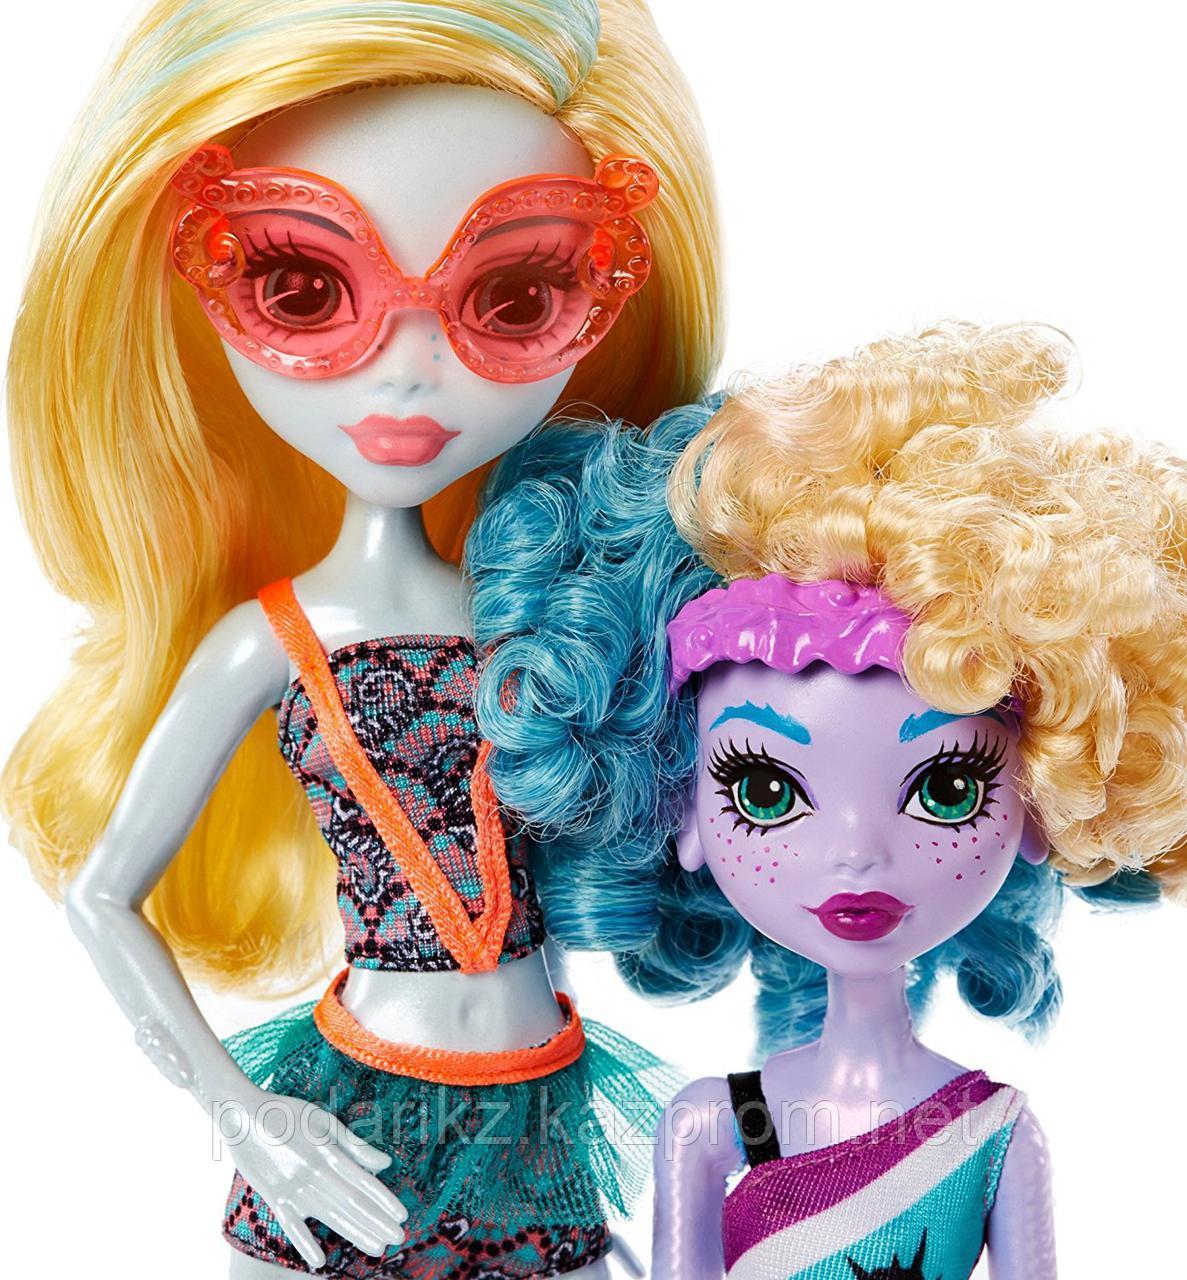 Кукла Монстр Хай Лагуна Блю и её сестра Келпи Блю - фото 2